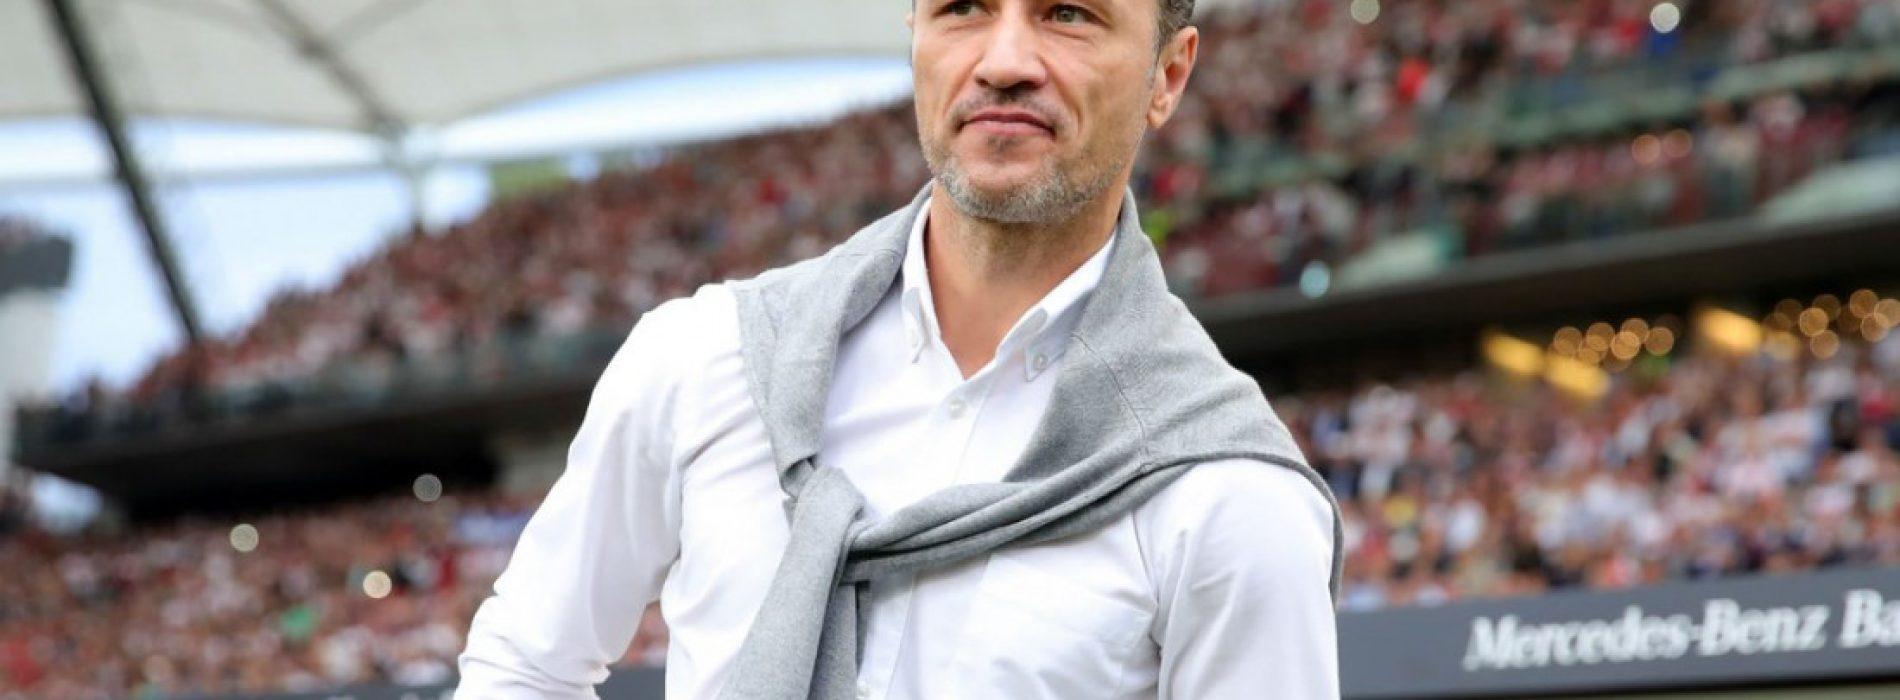 UFFICIALE: il Bayern Monaco esonera Kovac. Mourinho o Allegri come sostituto?